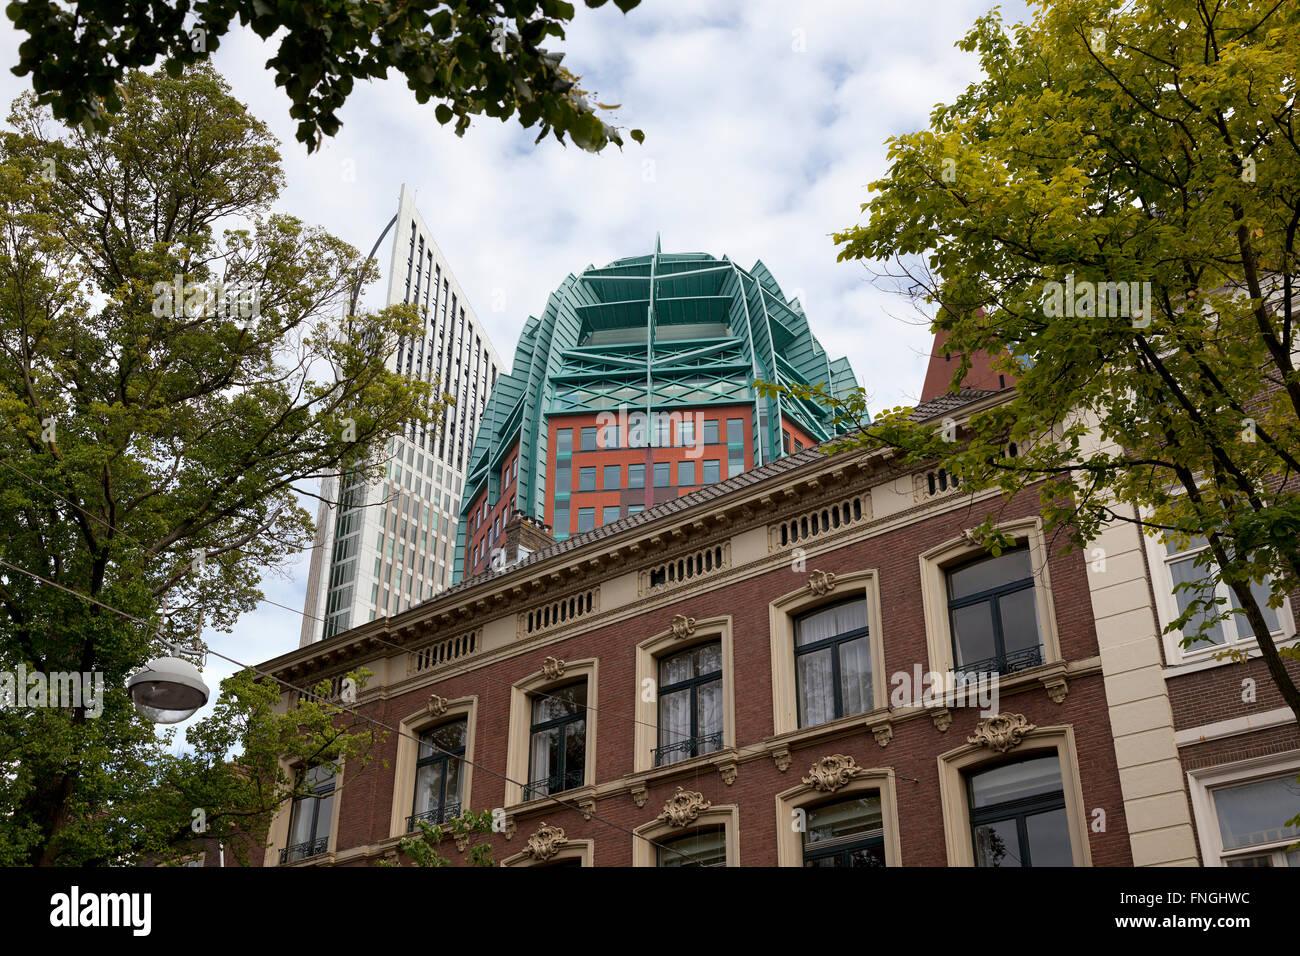 Den Haag, Holland, alte und neue Architektur Stockbild